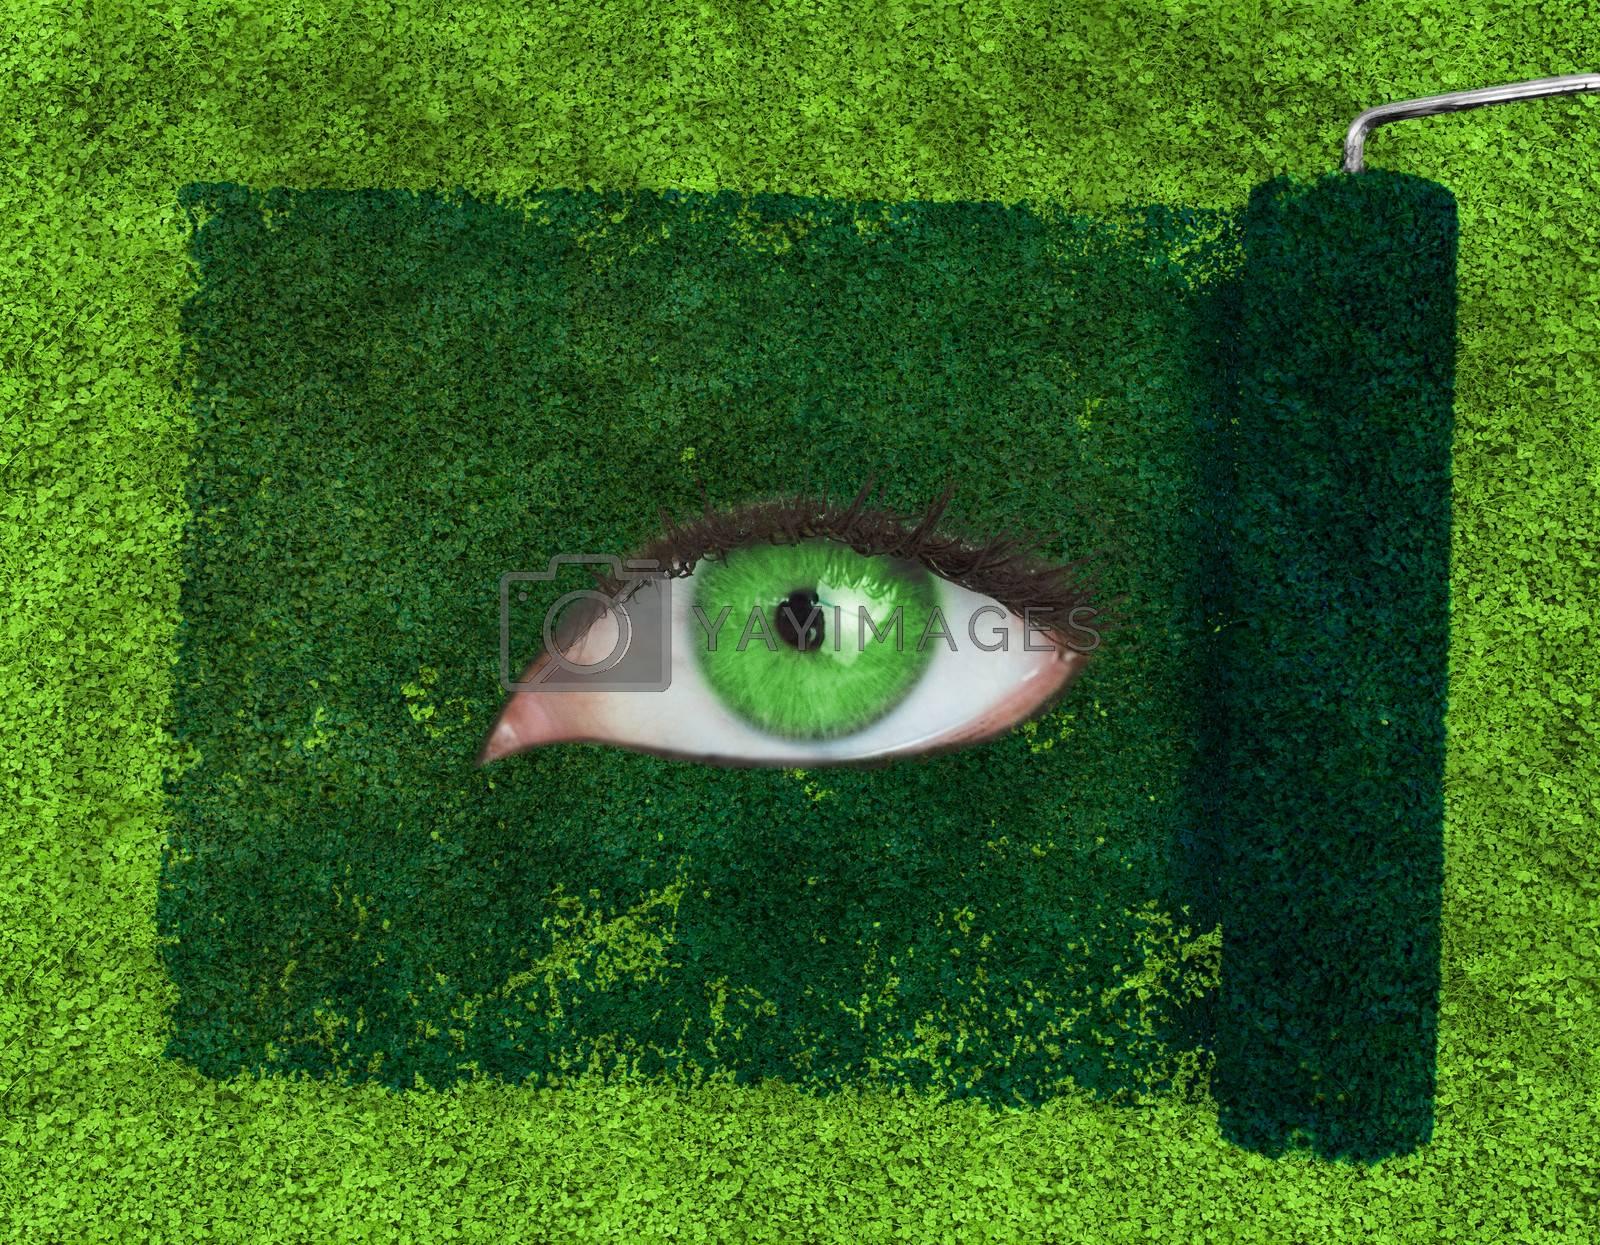 Paint roller revealing a green eye over grass texture